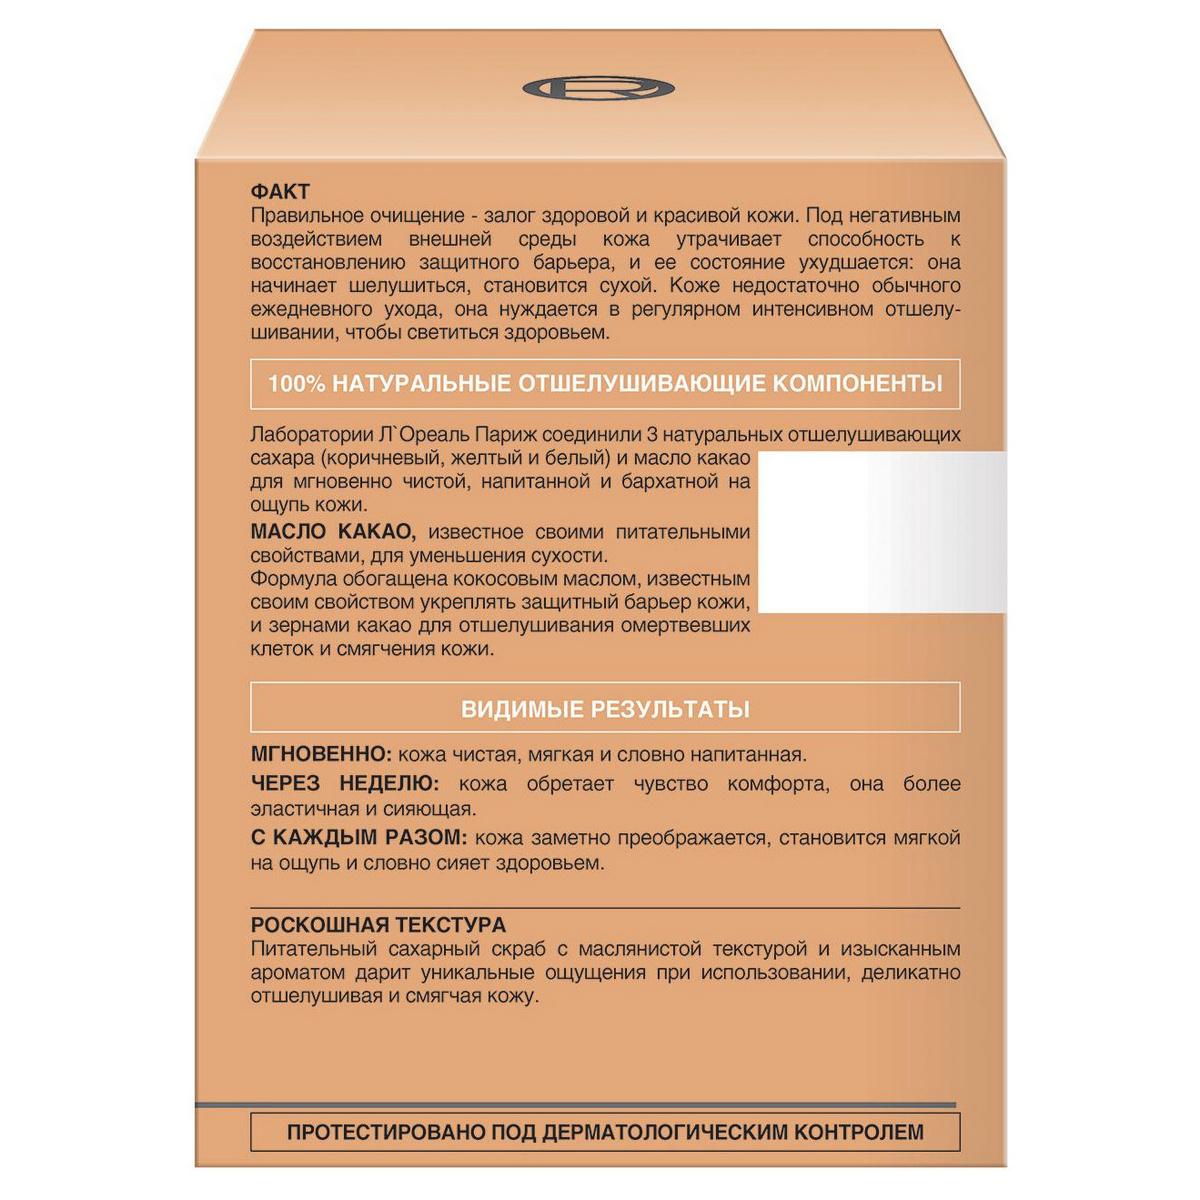 Миниатюра Скраб для лица L'Oreal сахарный, питательный, 50 мл №2